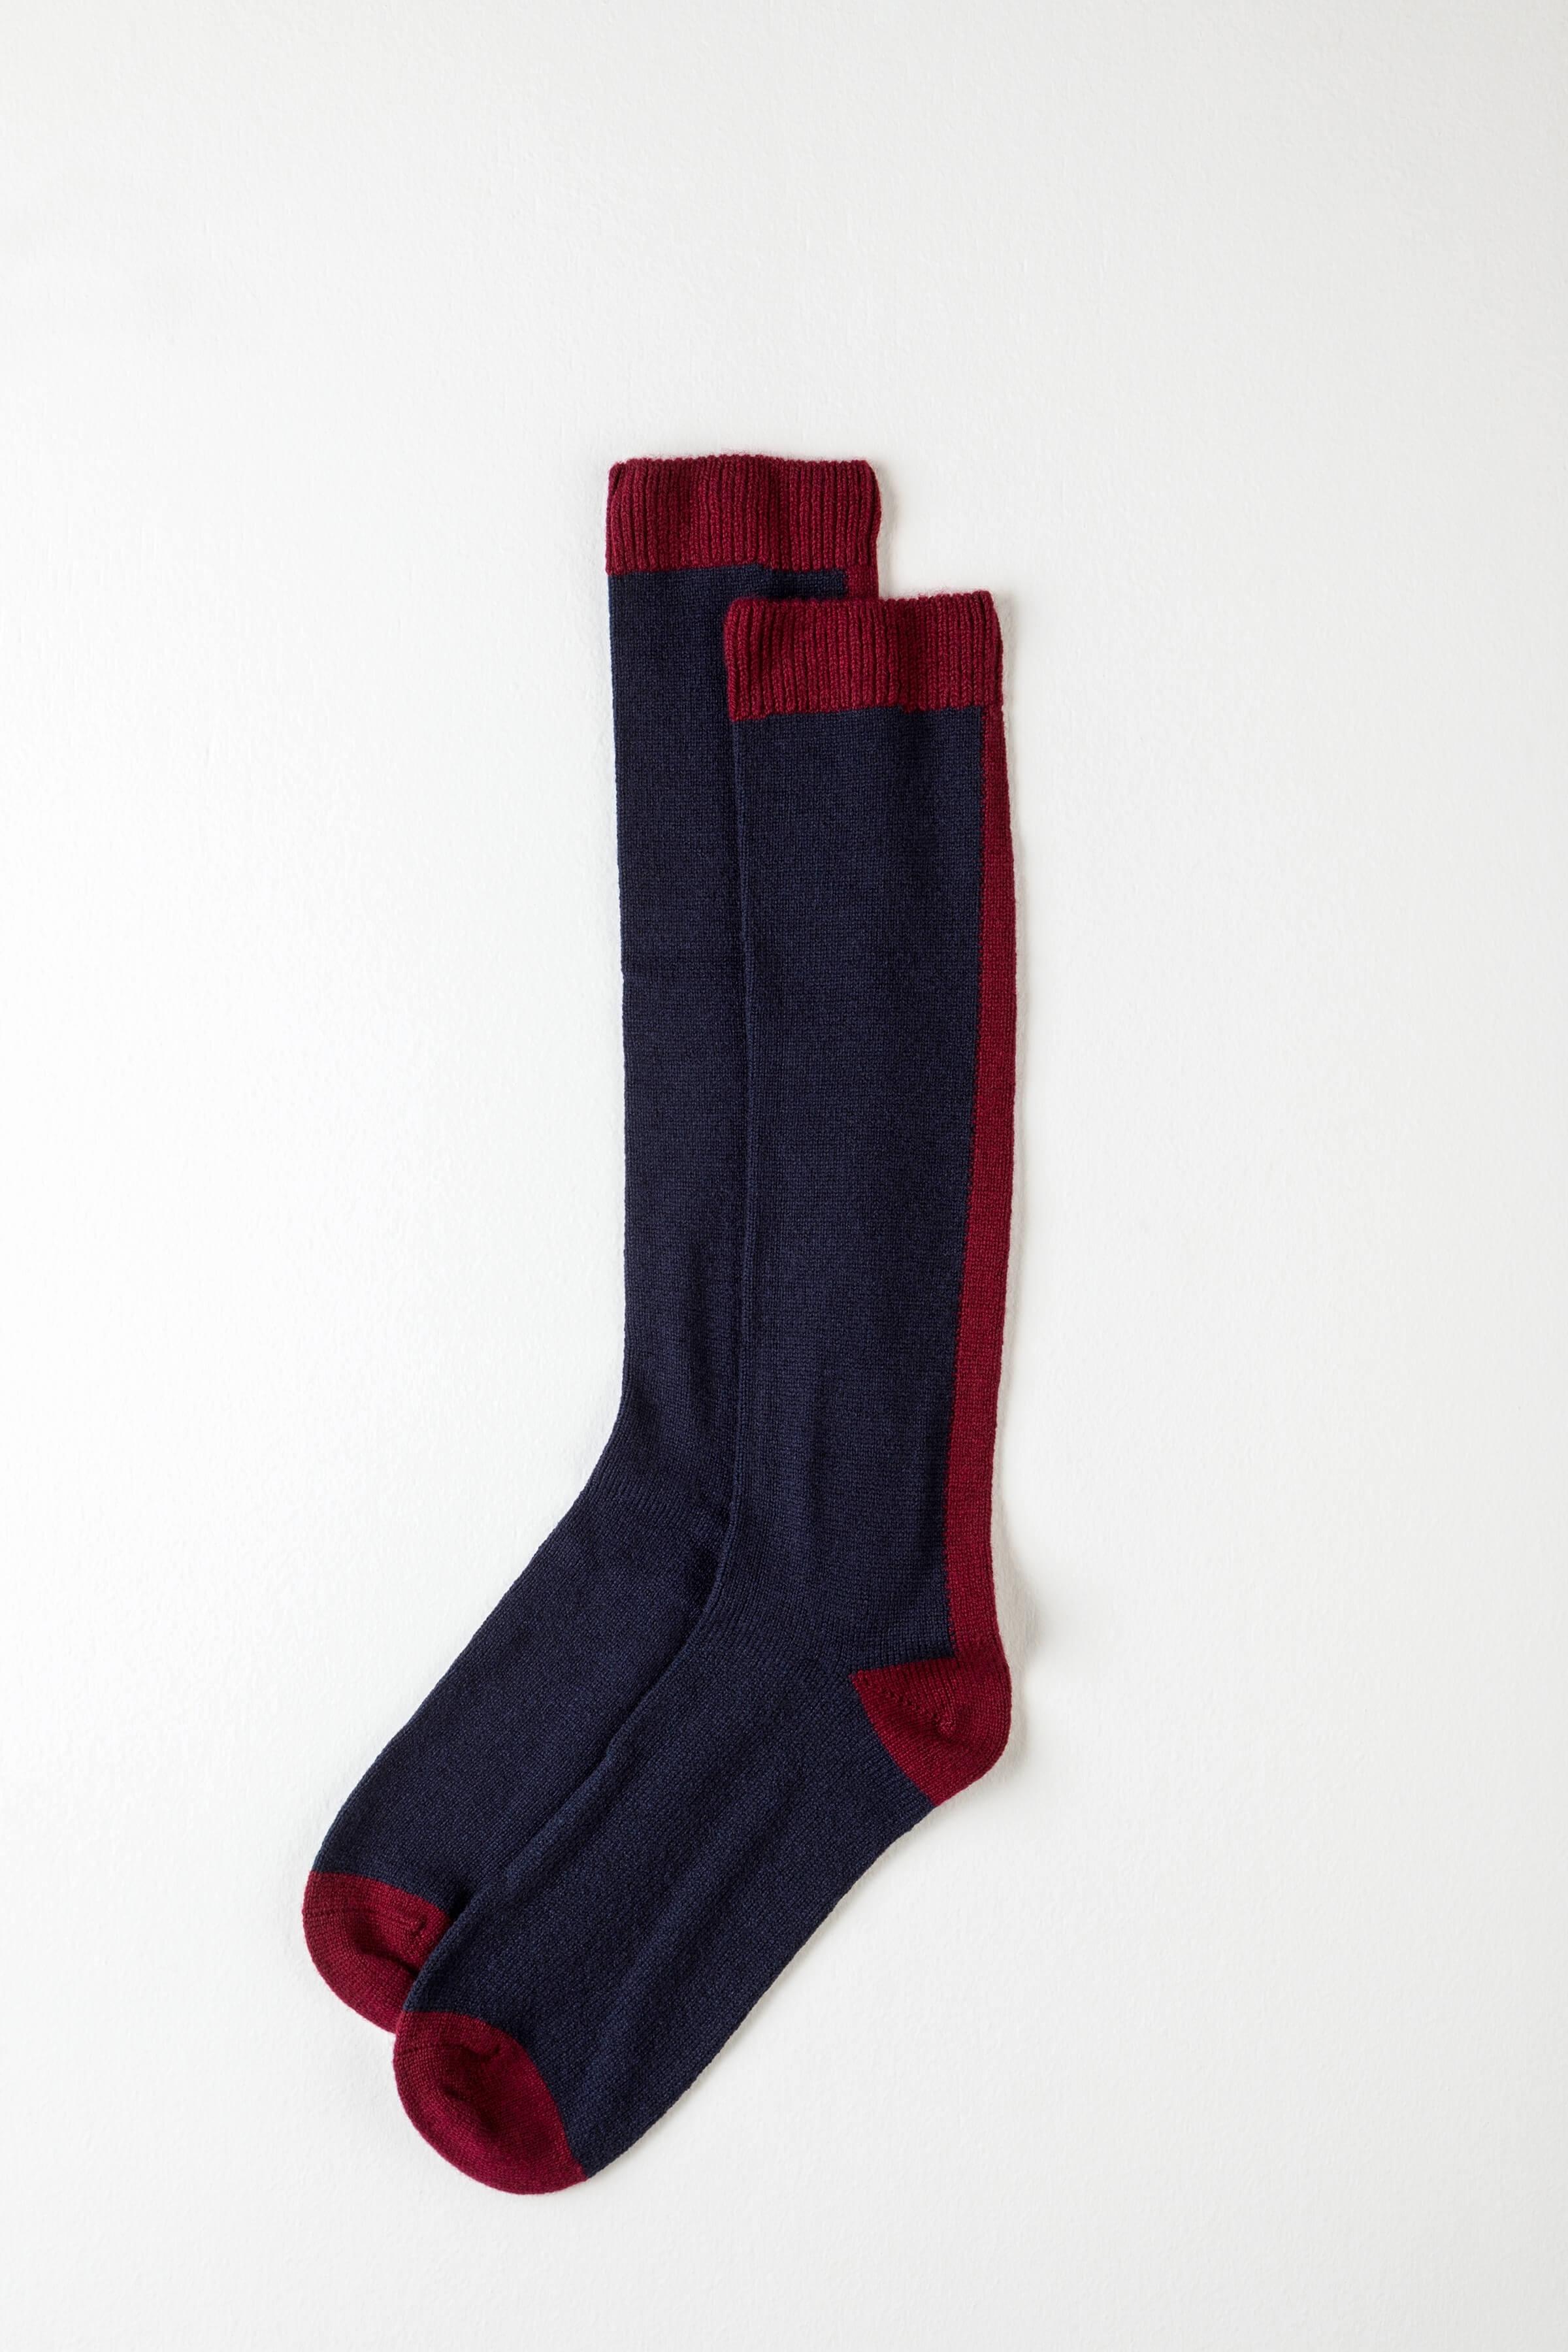 JOHNSTONS OF ELGIN Johnstons Of Elgin Navy Long Colour Block Womens Cashmere Socks